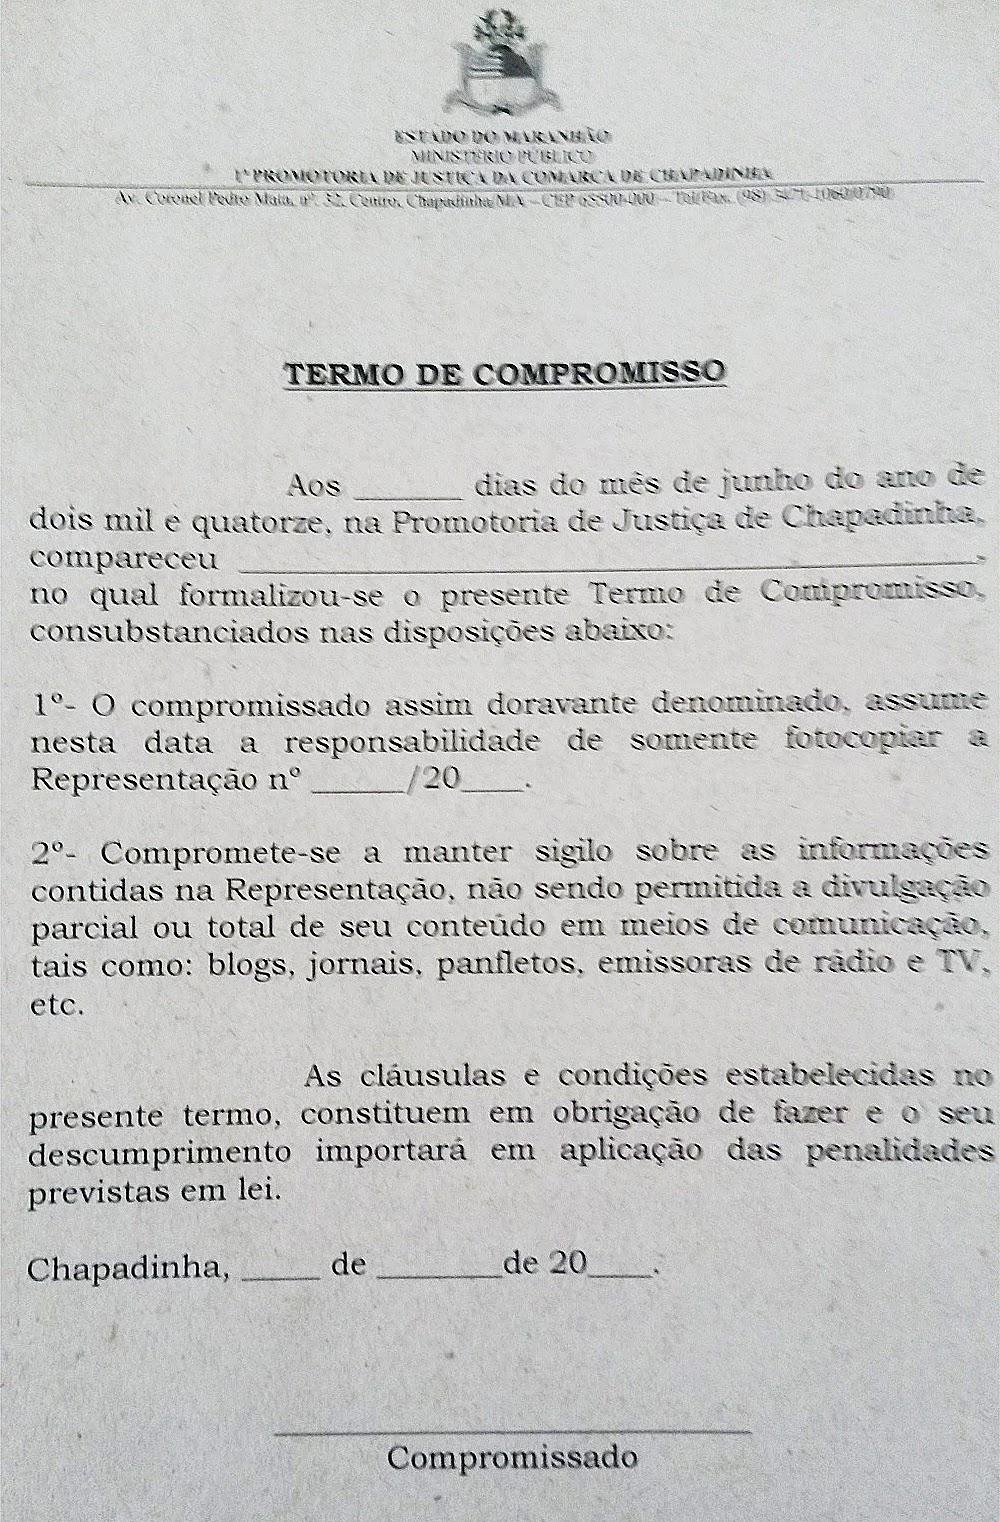 Chapadinha-MA: Gratificação ilegal - Termo de compromisso